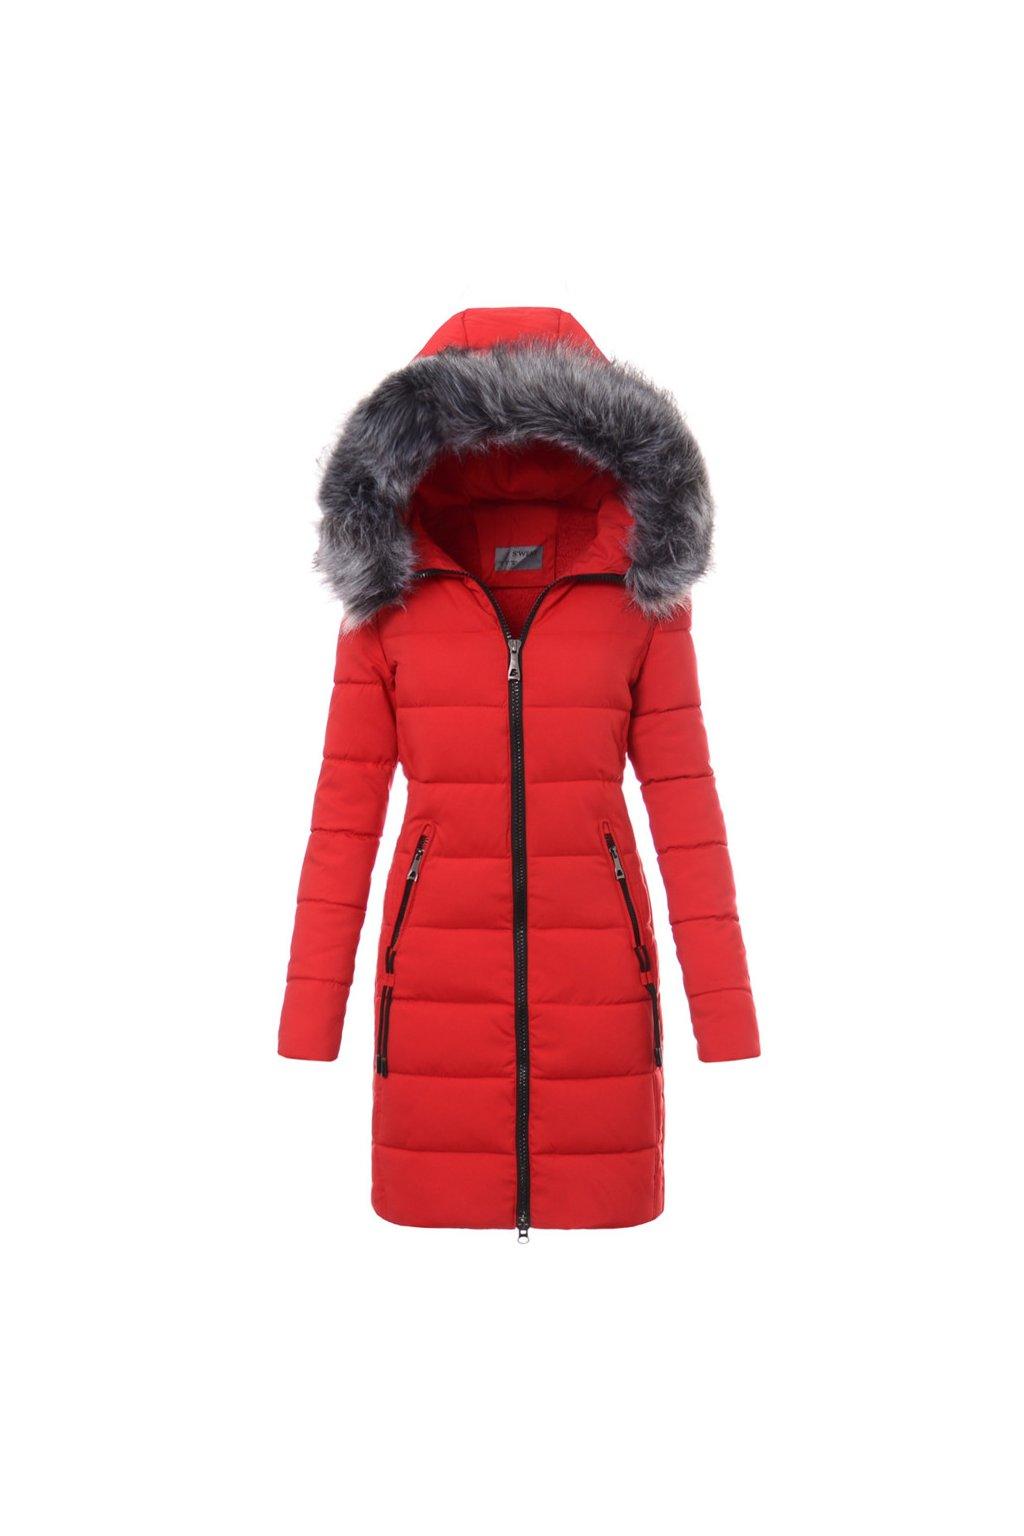 Dámska dlhá zimná bunda s kapucňou 3480 červená